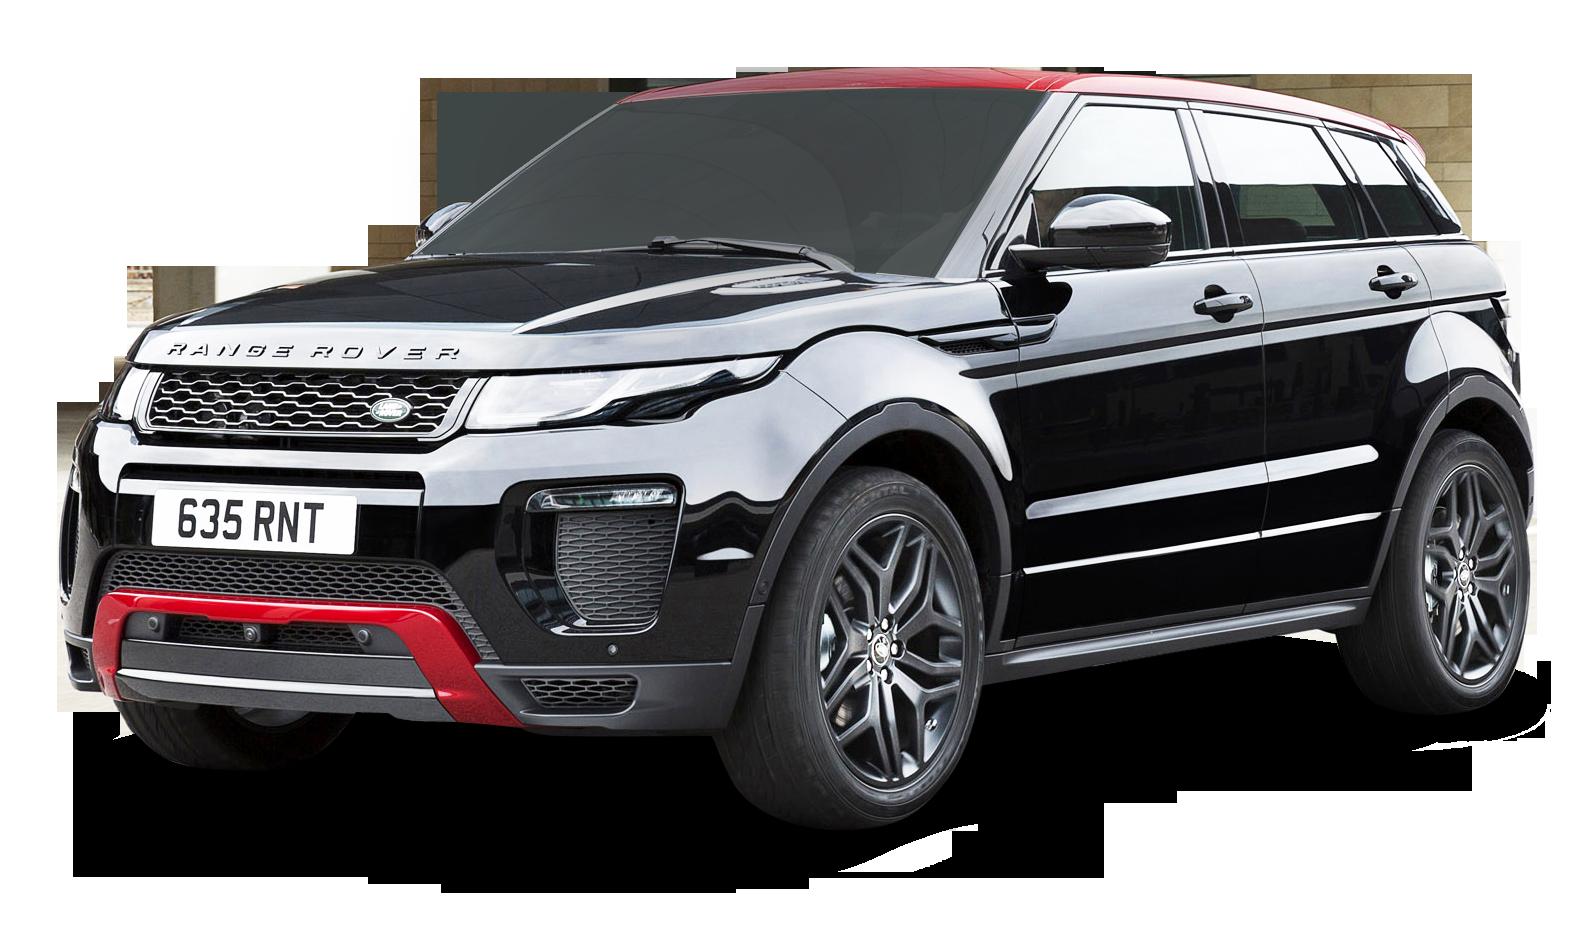 Land Rover Range Rover Evoque Ember Edition Car